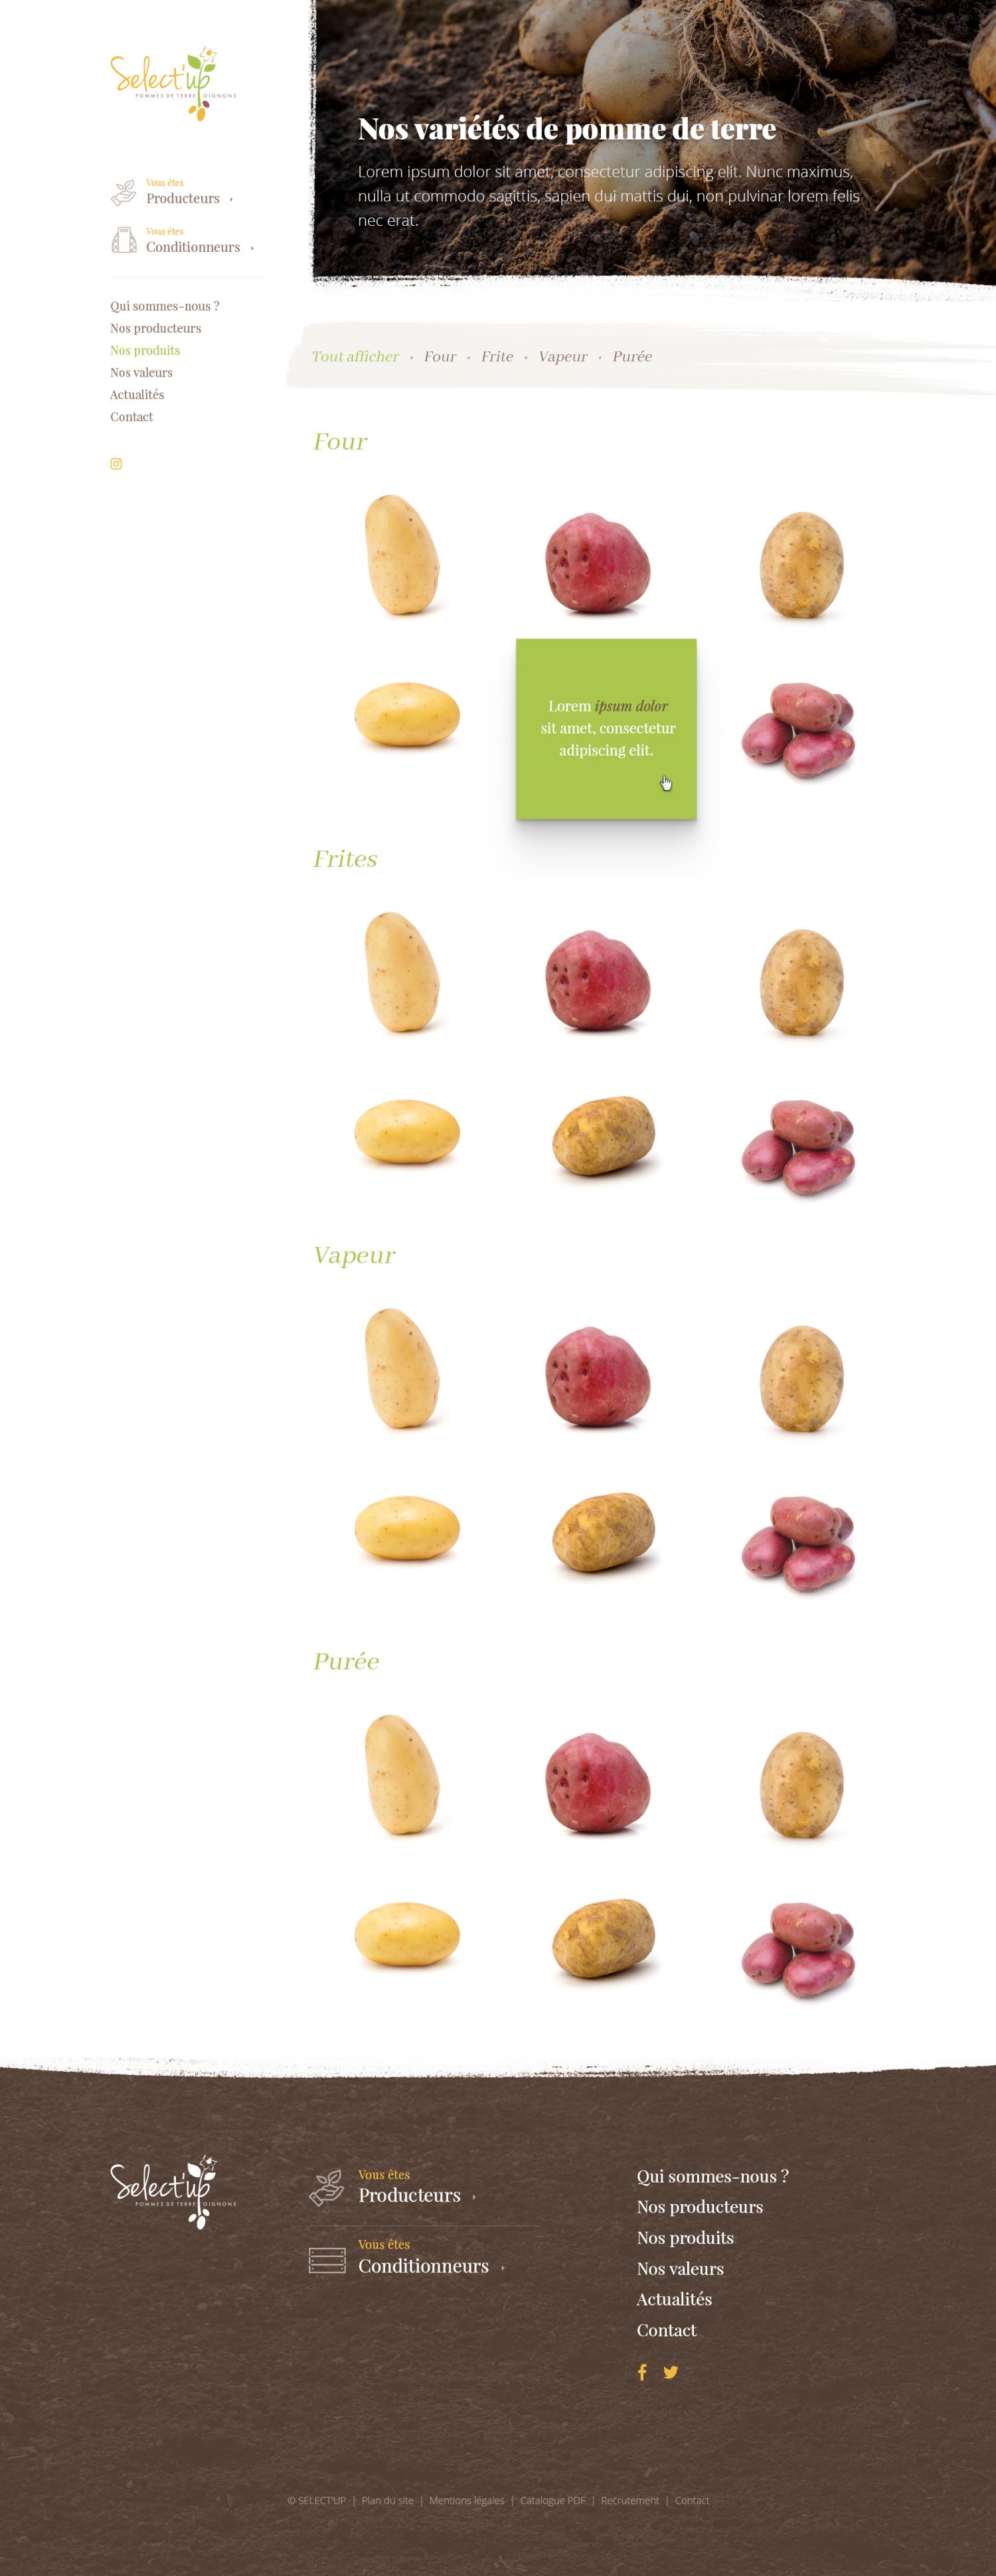 ARCHIVE - Pommes de terres